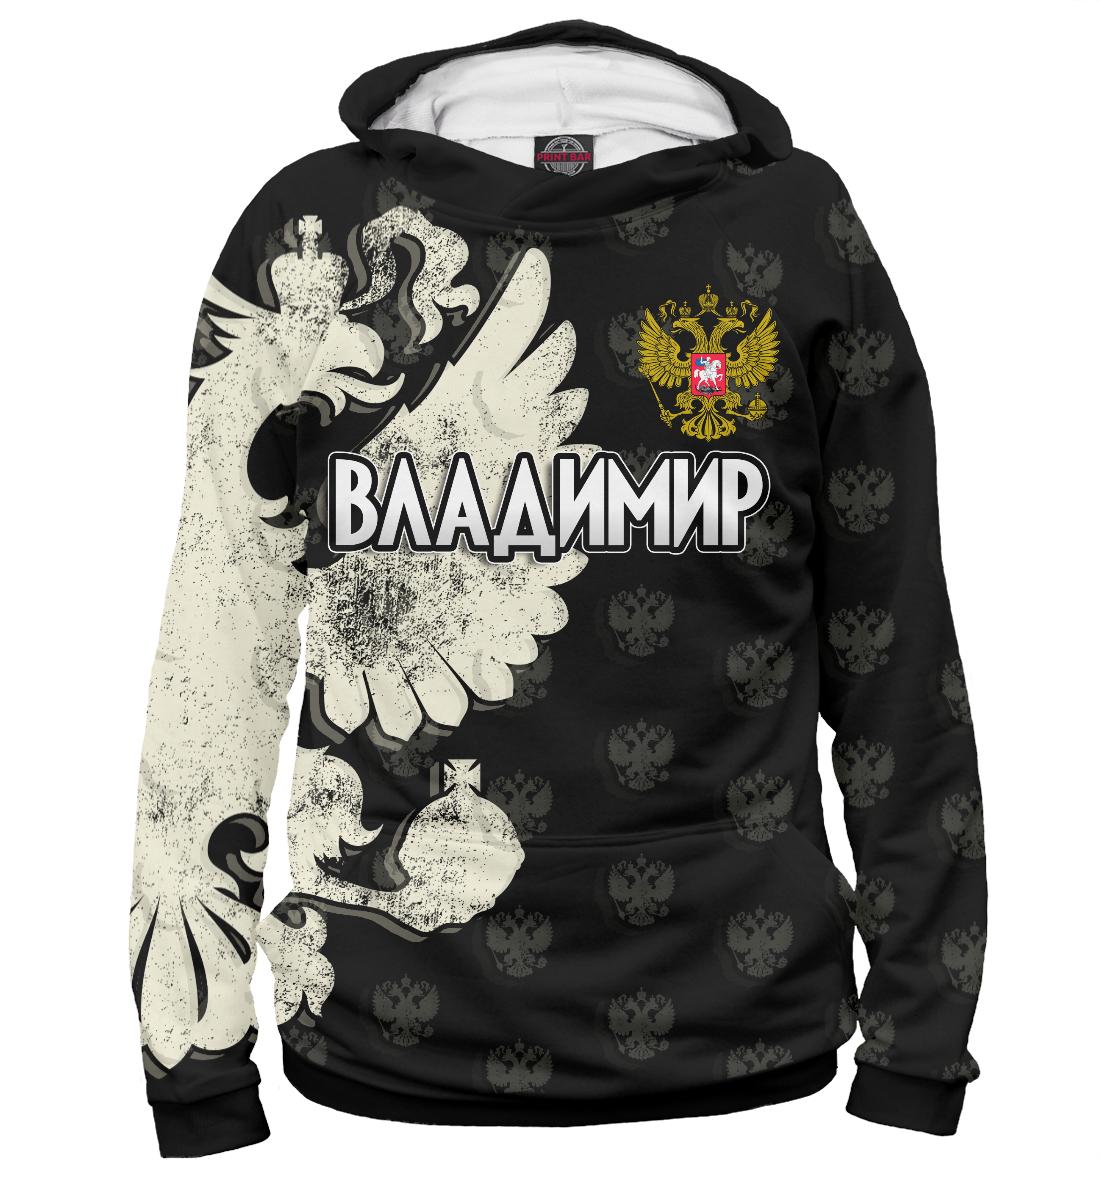 Купить Герб Владимир, Printbar, Худи, IMR-737179-hud-1